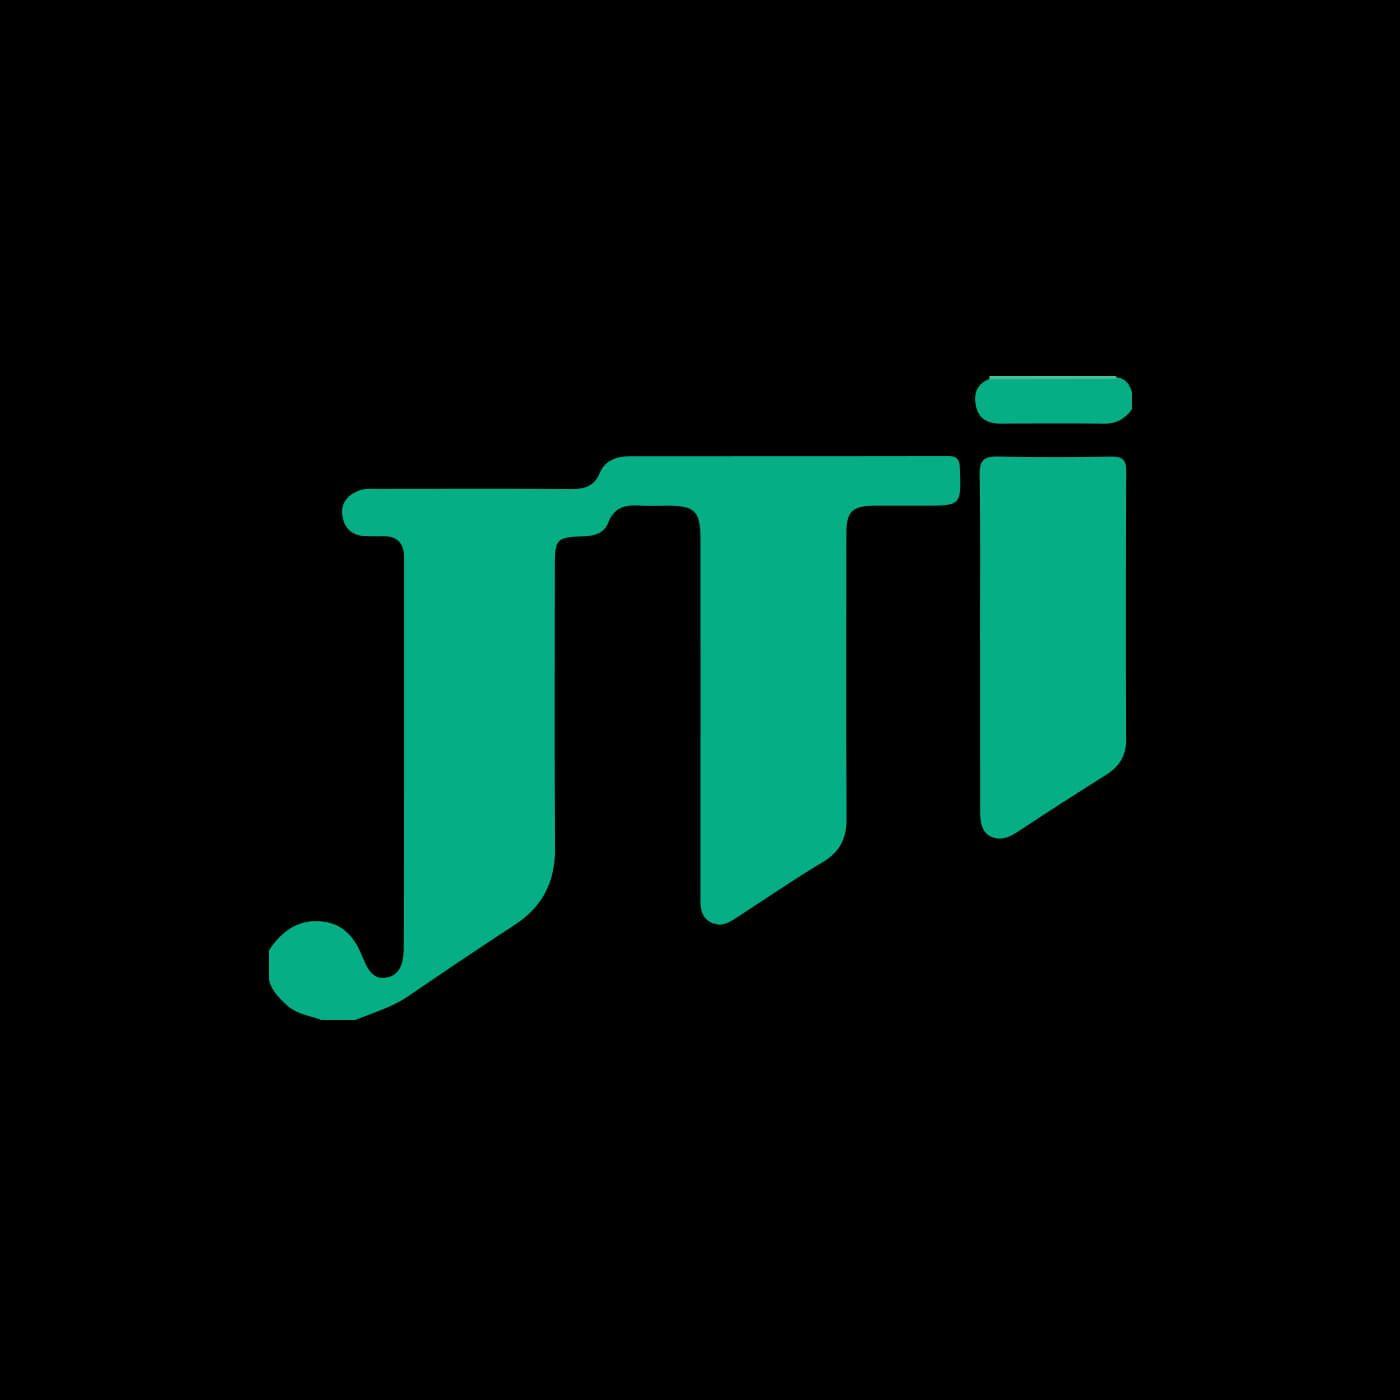 Jti-2-1400x1400